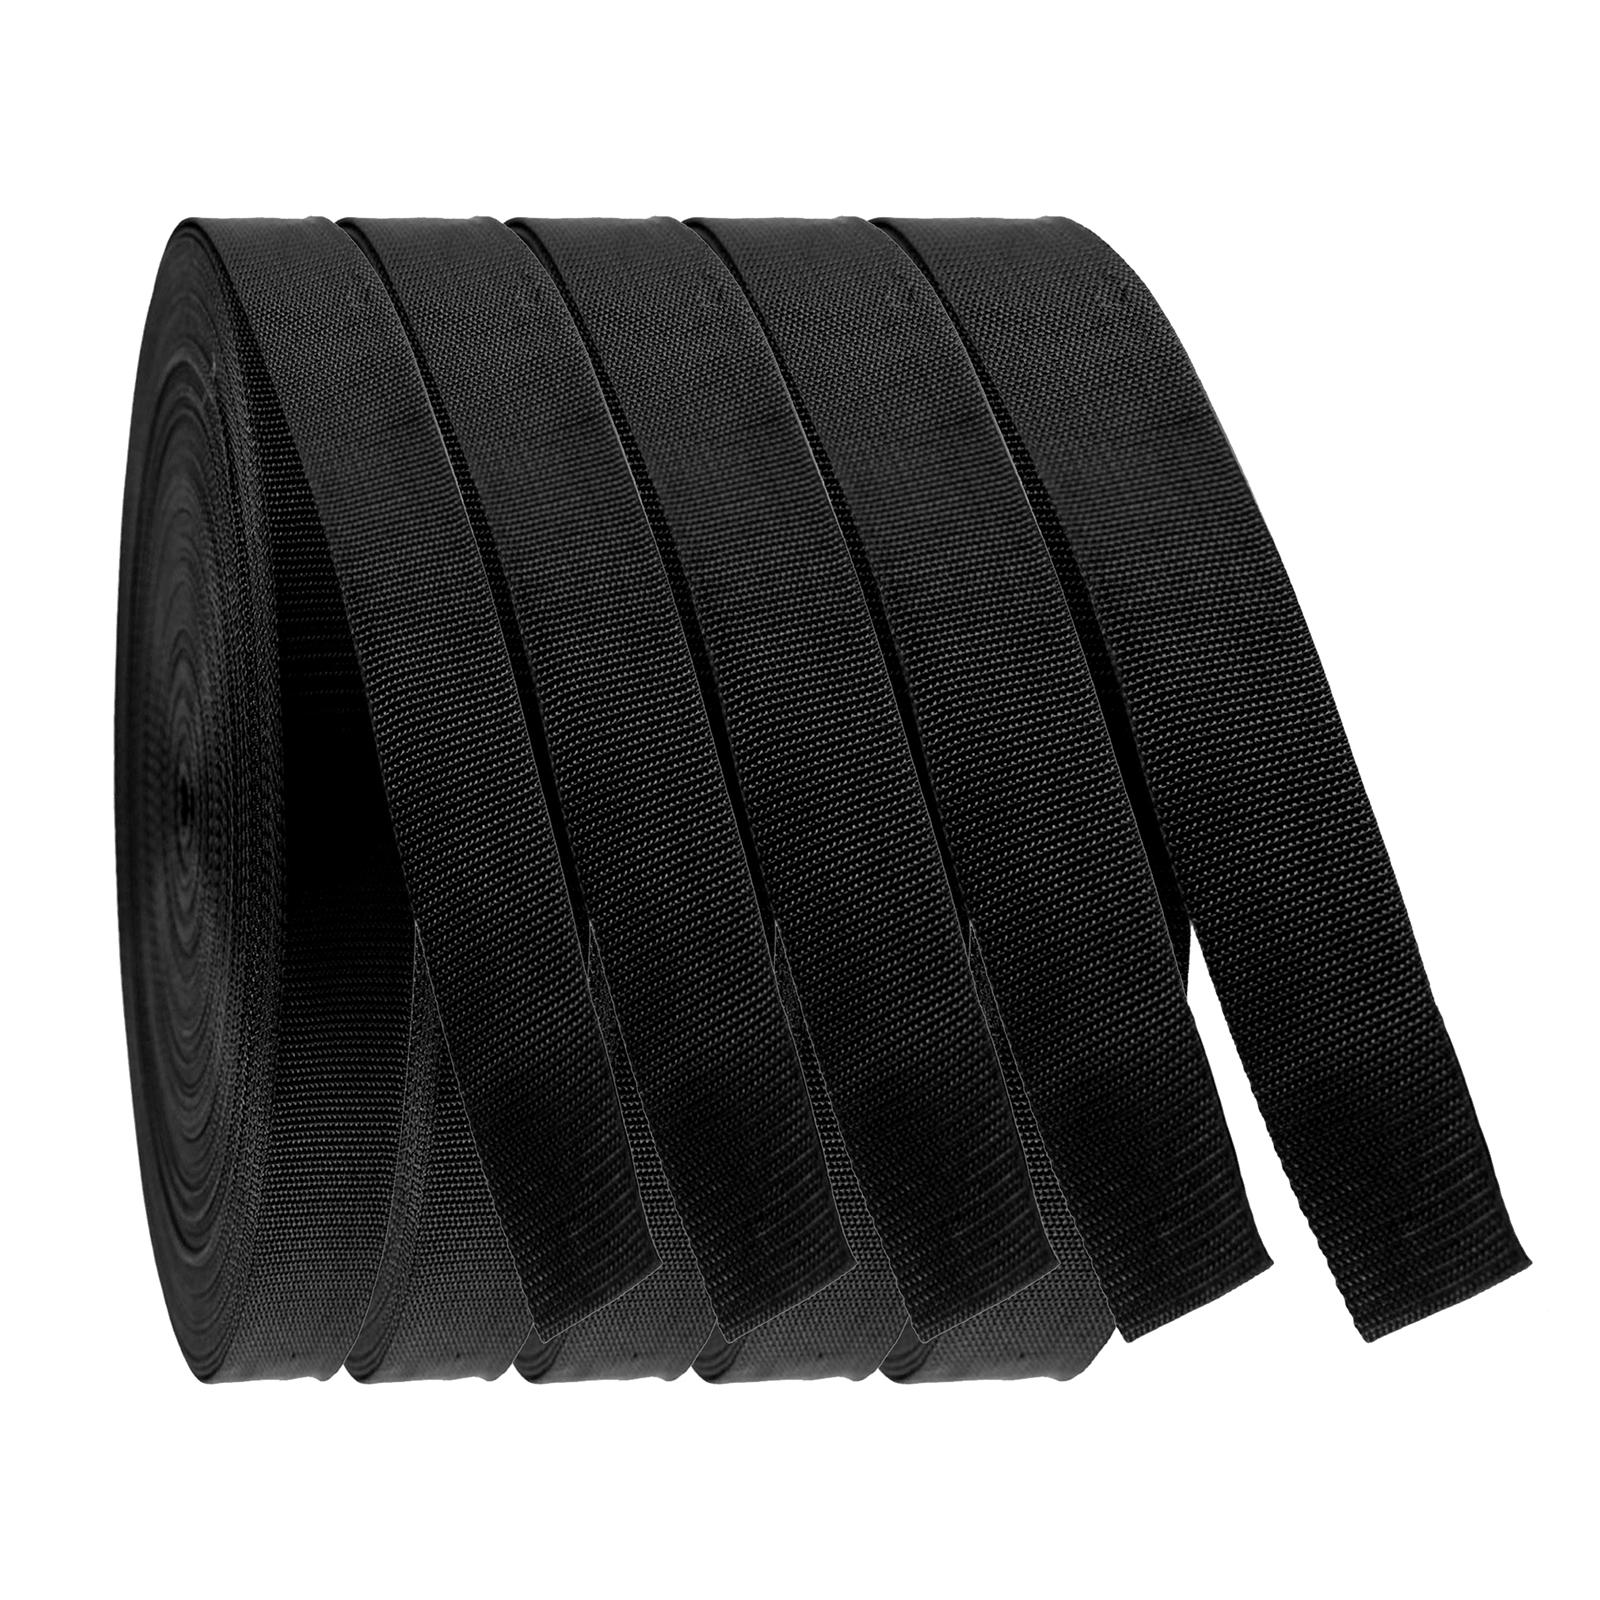 50m PP Gurtband, Polyester, 1,3mm stark, Wähle deine Größe und Farbe – Bild 1